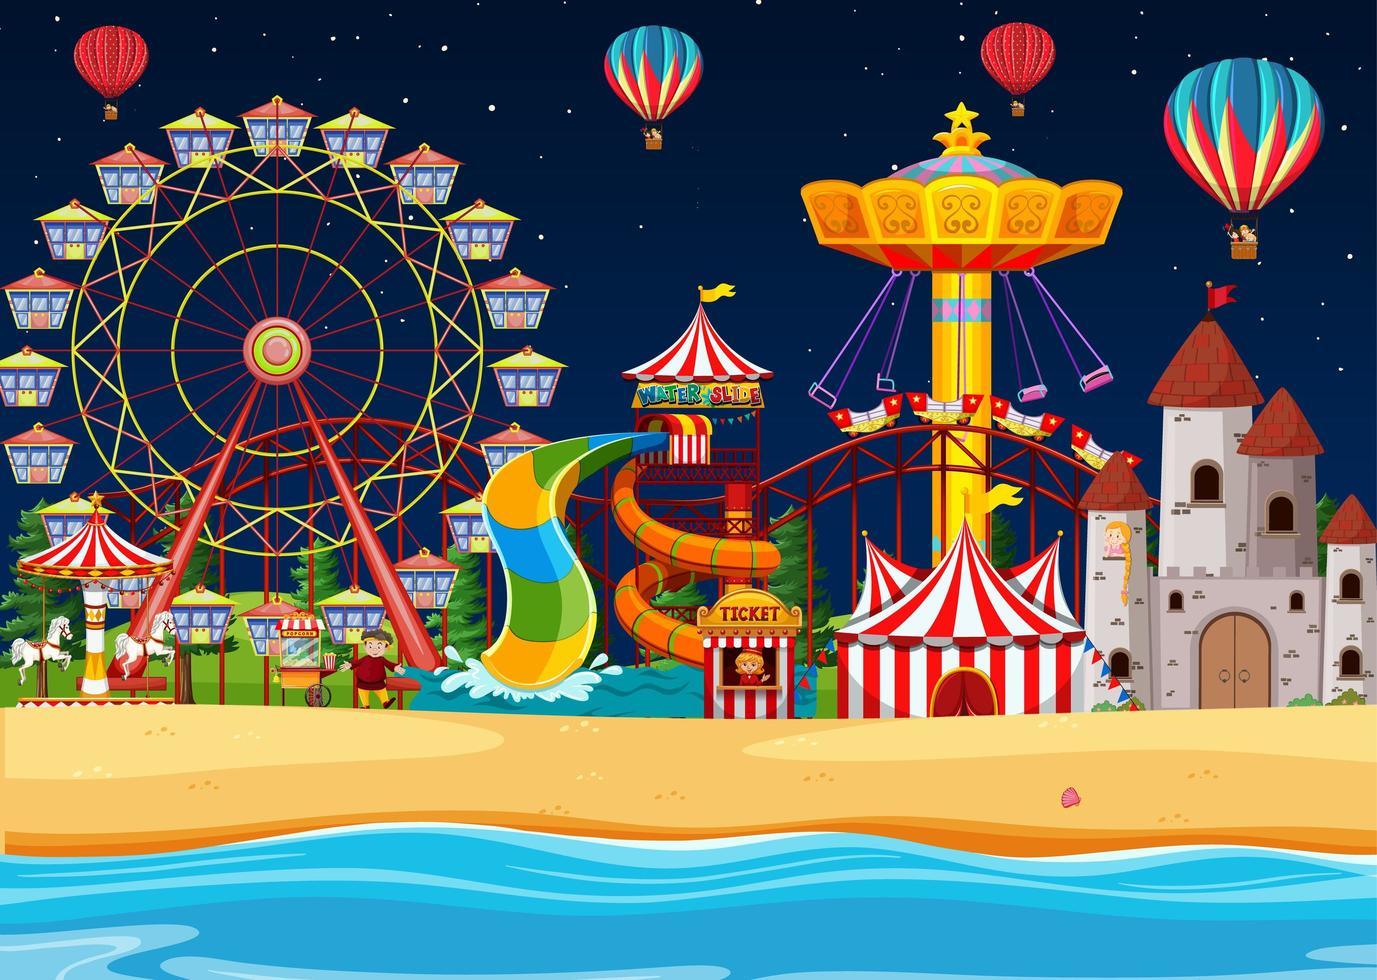 Vergnügungspark mit Strandszene in der Nacht vektor